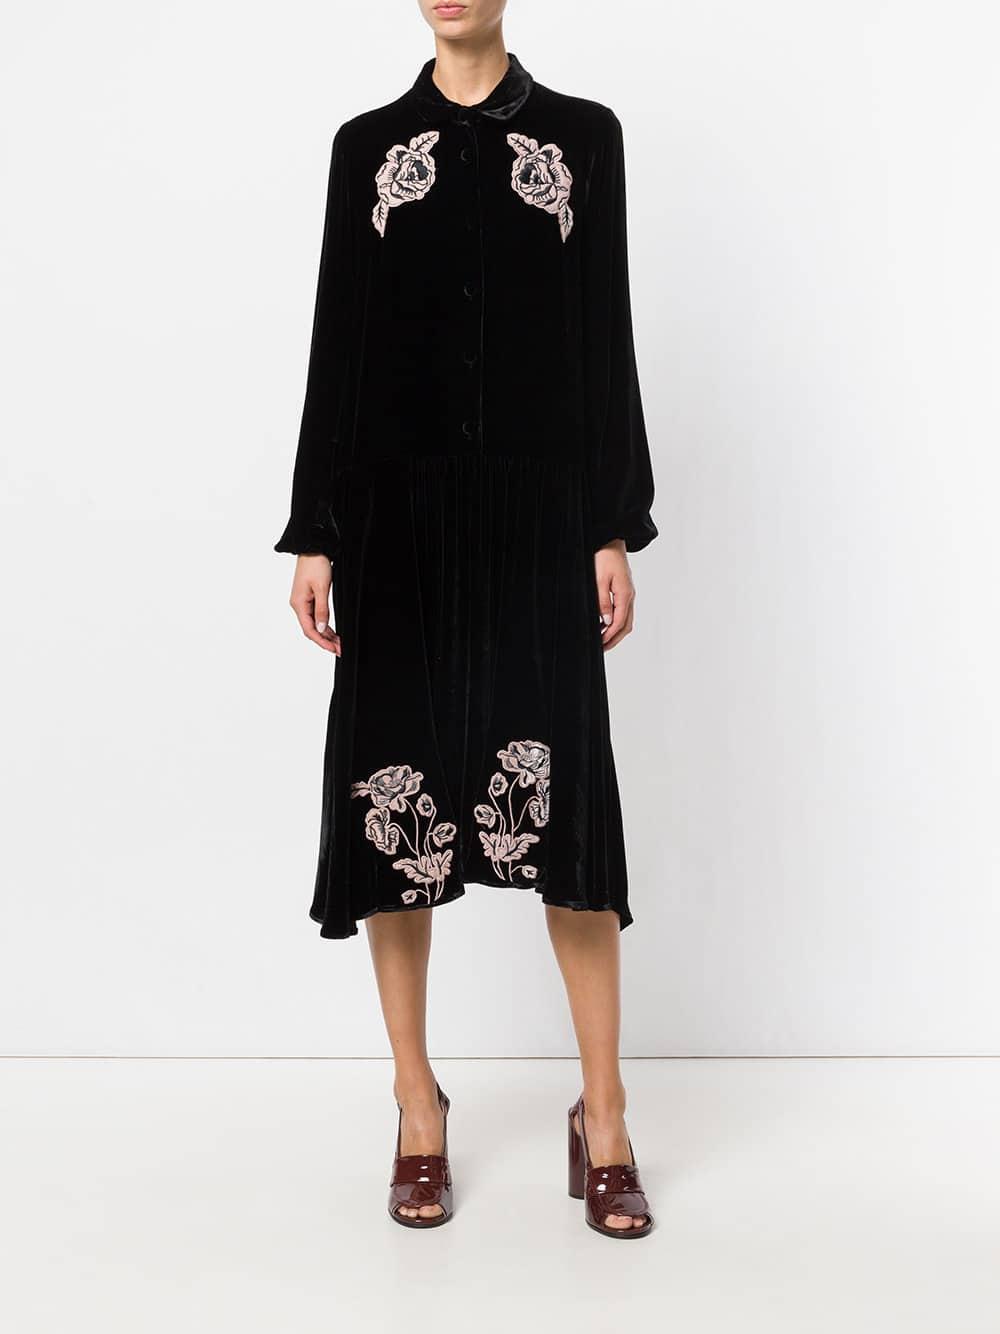 VIVETTA Embroidered Floral Black Dress